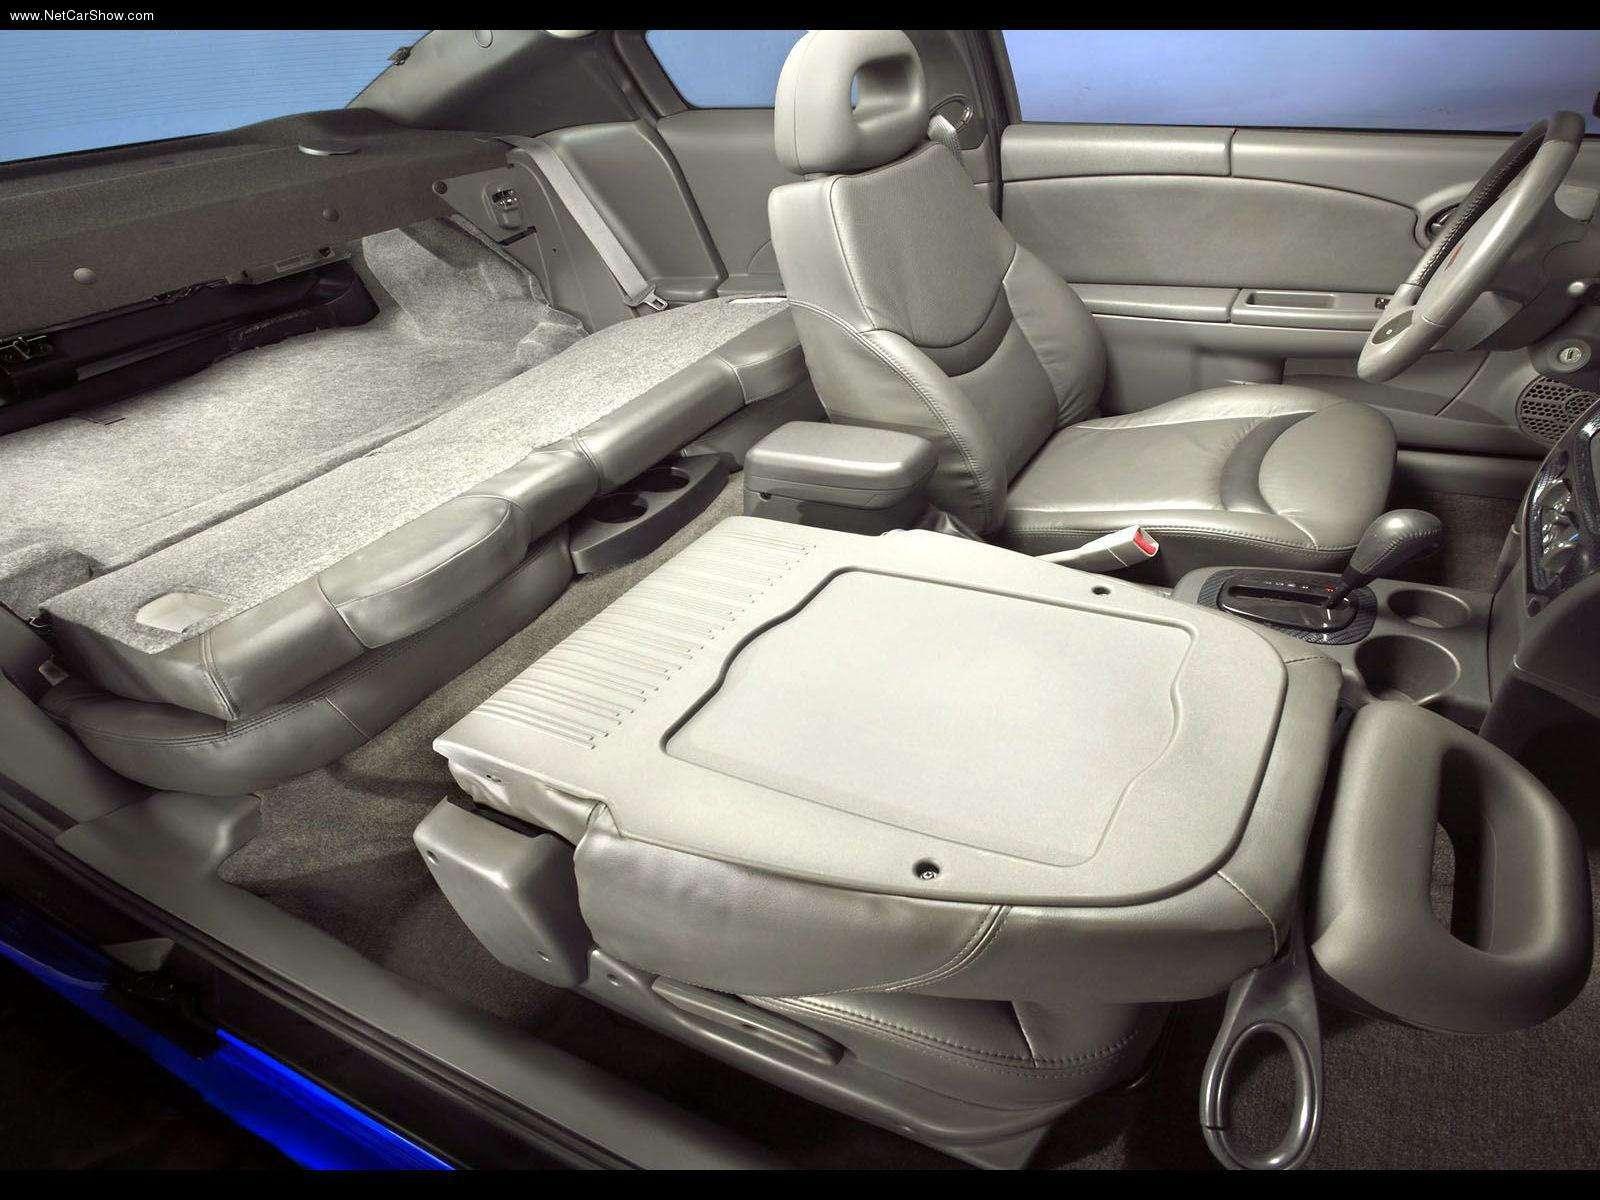 Hình ảnh xe ô tô Saturn ION Quad Coupe 2003 & nội ngoại thất